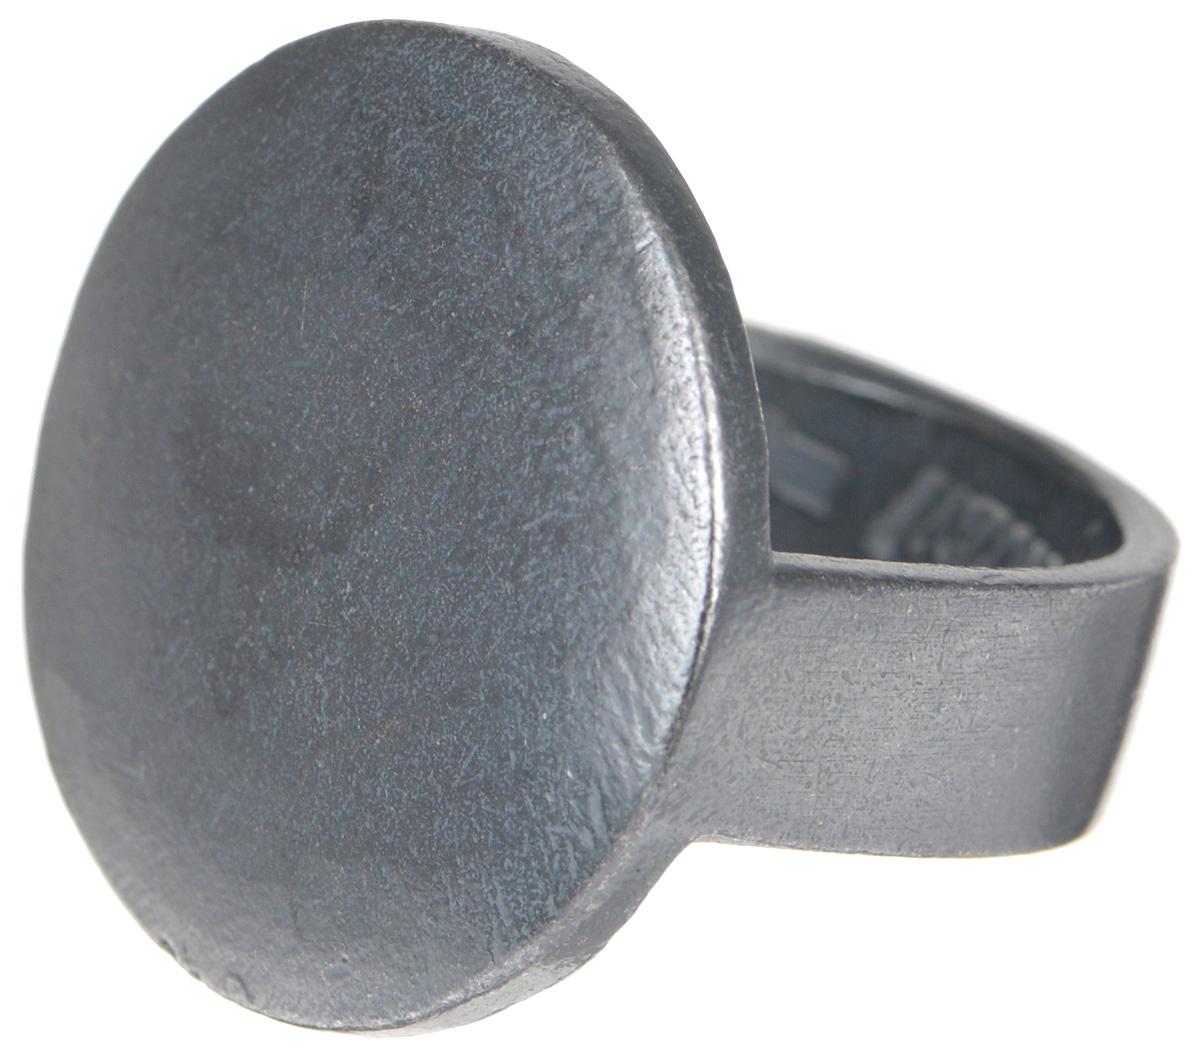 Jenavi, Коллекция Mona, Сотиле (Кольцо), размер - 17. k479o090k479o090Коллекция Mona, Сотиле (Кольцо) гипоаллергенный ювелирный сплав,Оксид черный, вставка без вставок, цвет - , , размер - 17